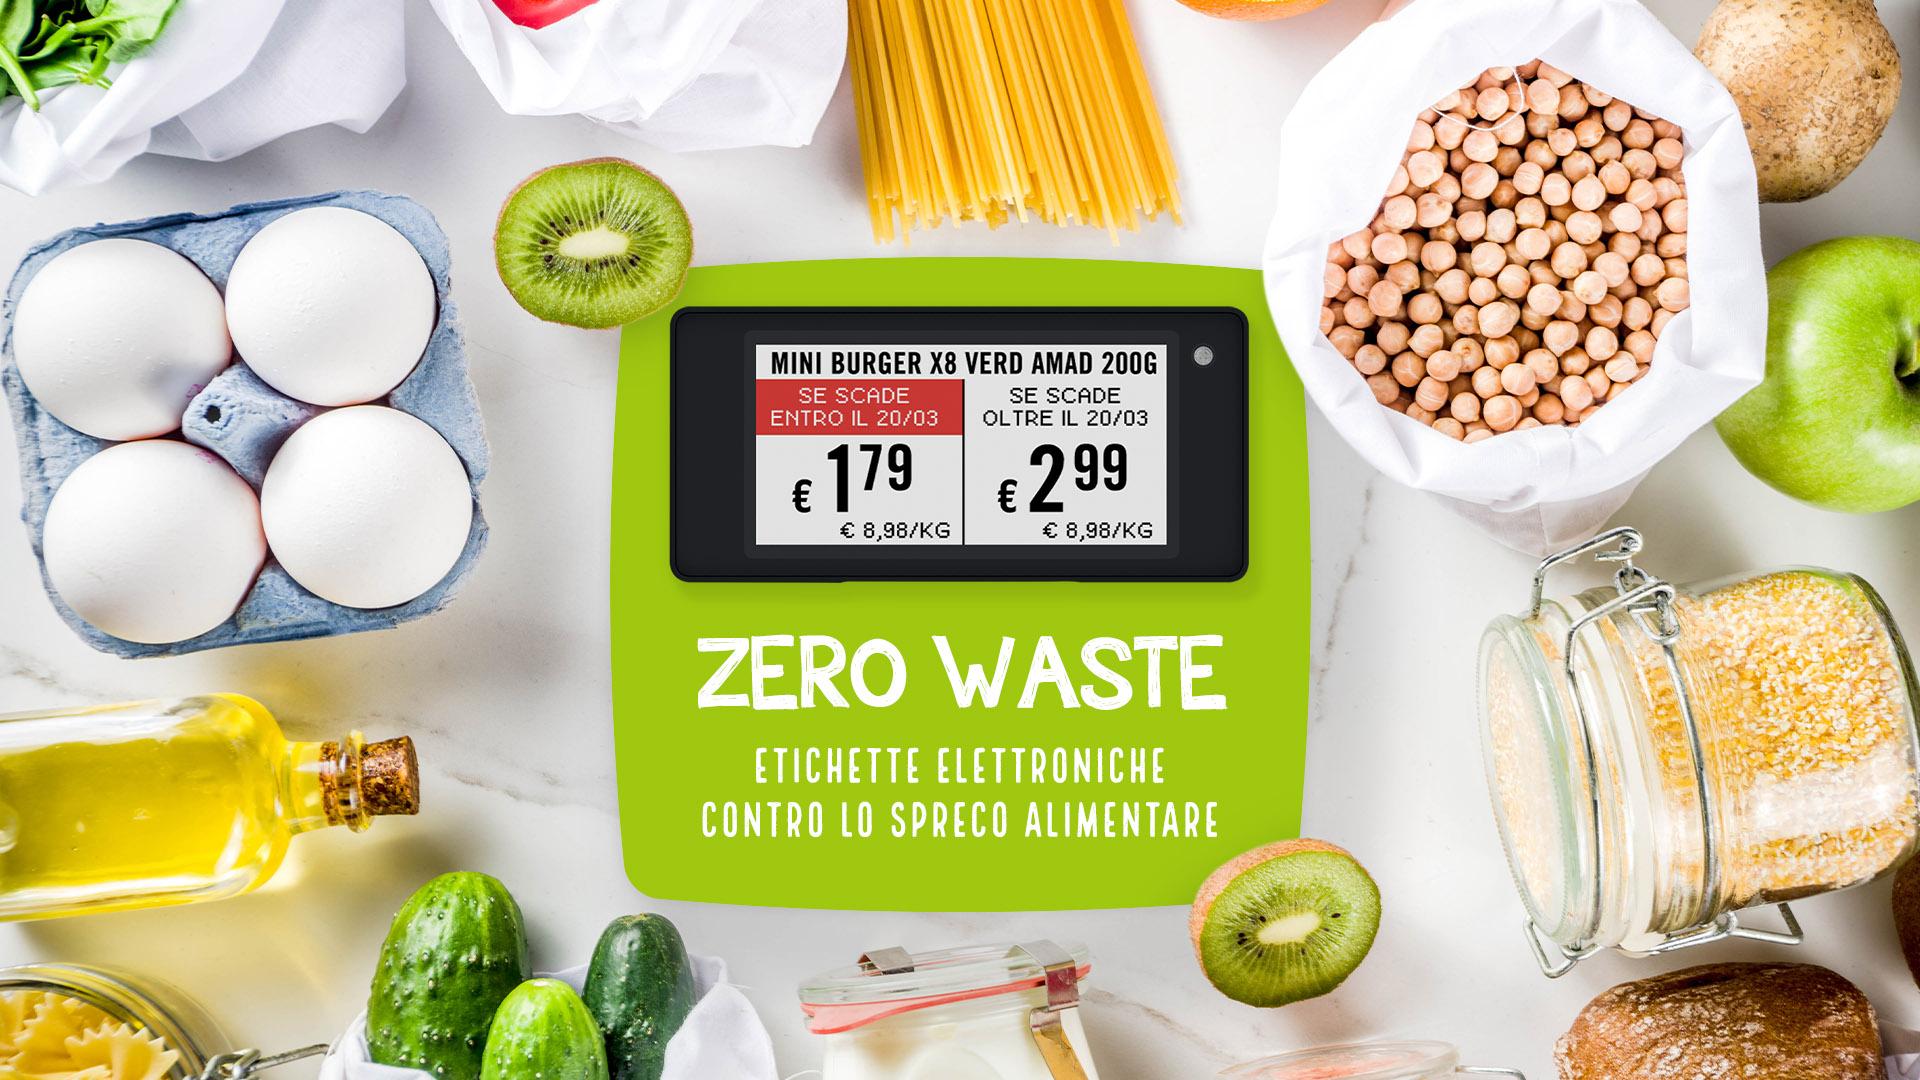 Nicolis Project | in-store digital communication np-zero-waste La lotta allo spreco alimentare passa anche dalle etichette elettroniche